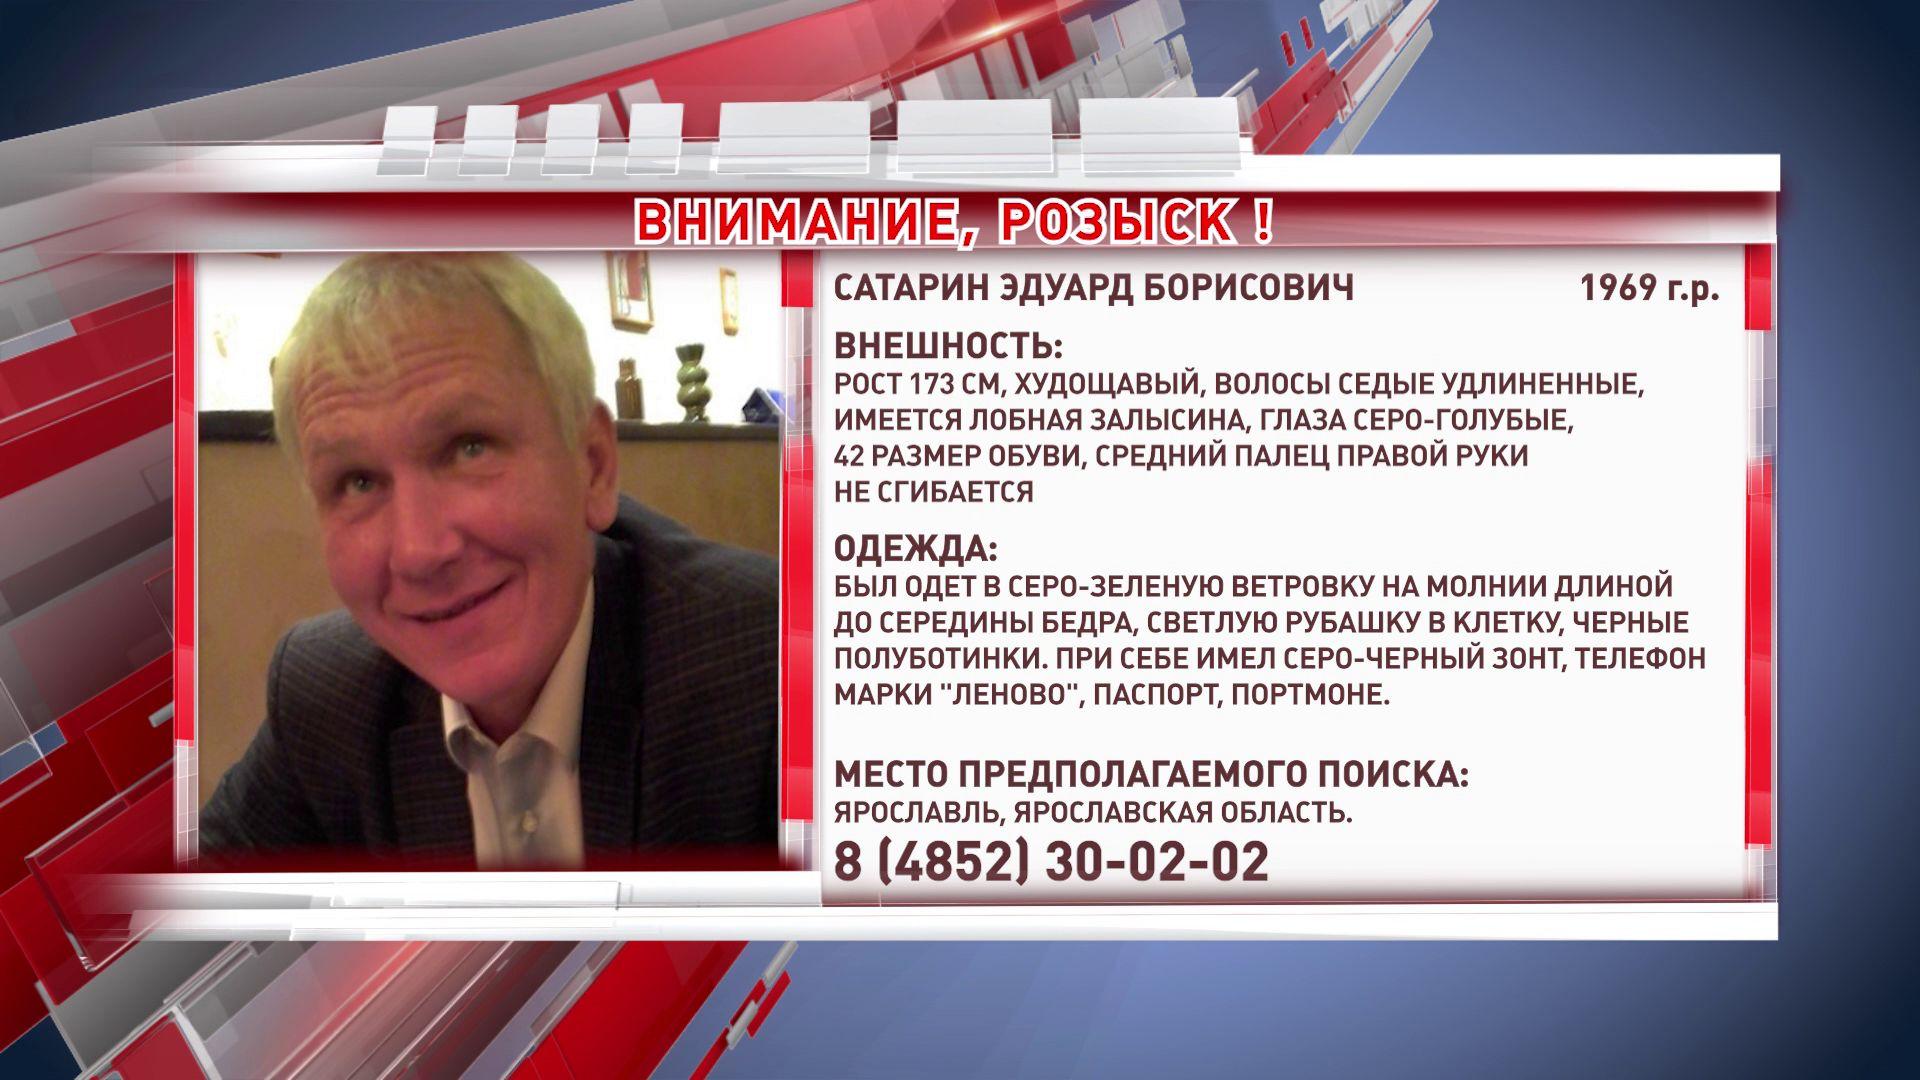 Пропал 51-летний Эдуард Борисович Сатарин